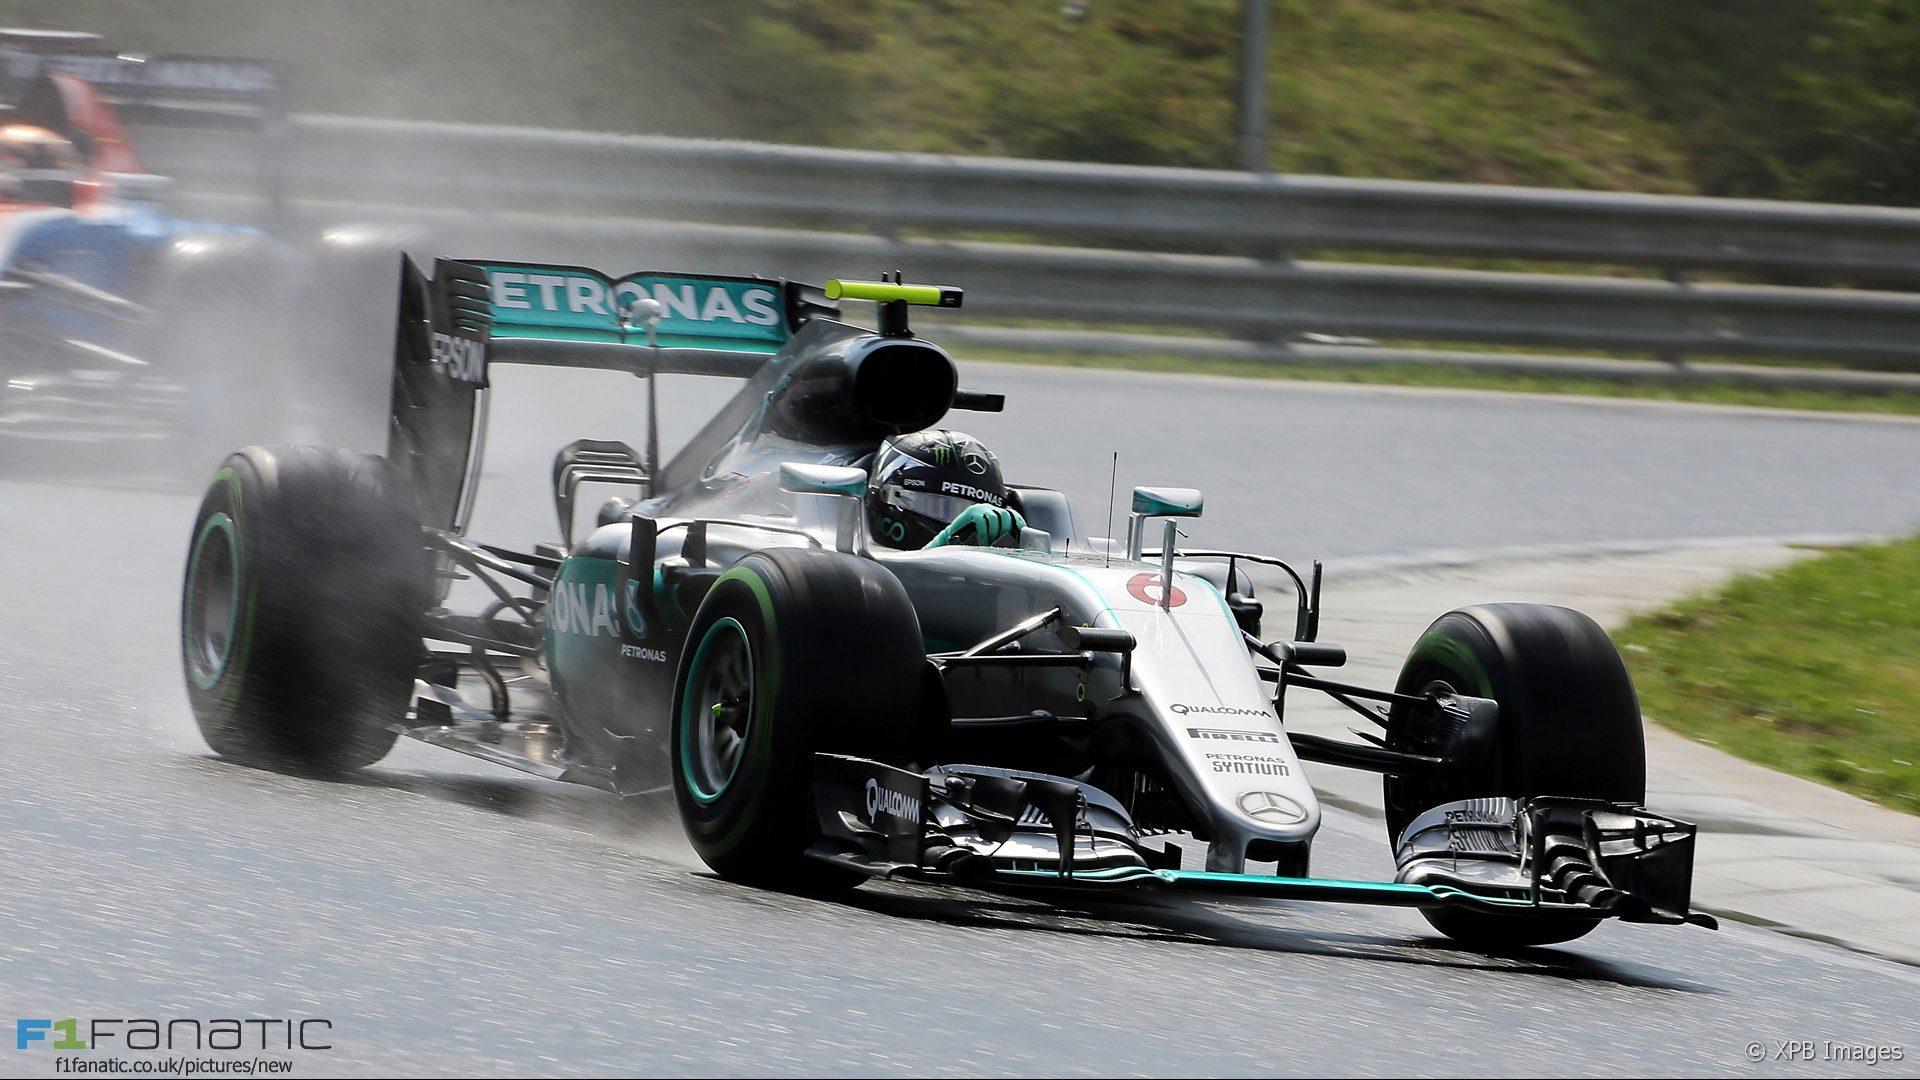 Nico Rosberg, Mercedes, Hungaroring, 2016